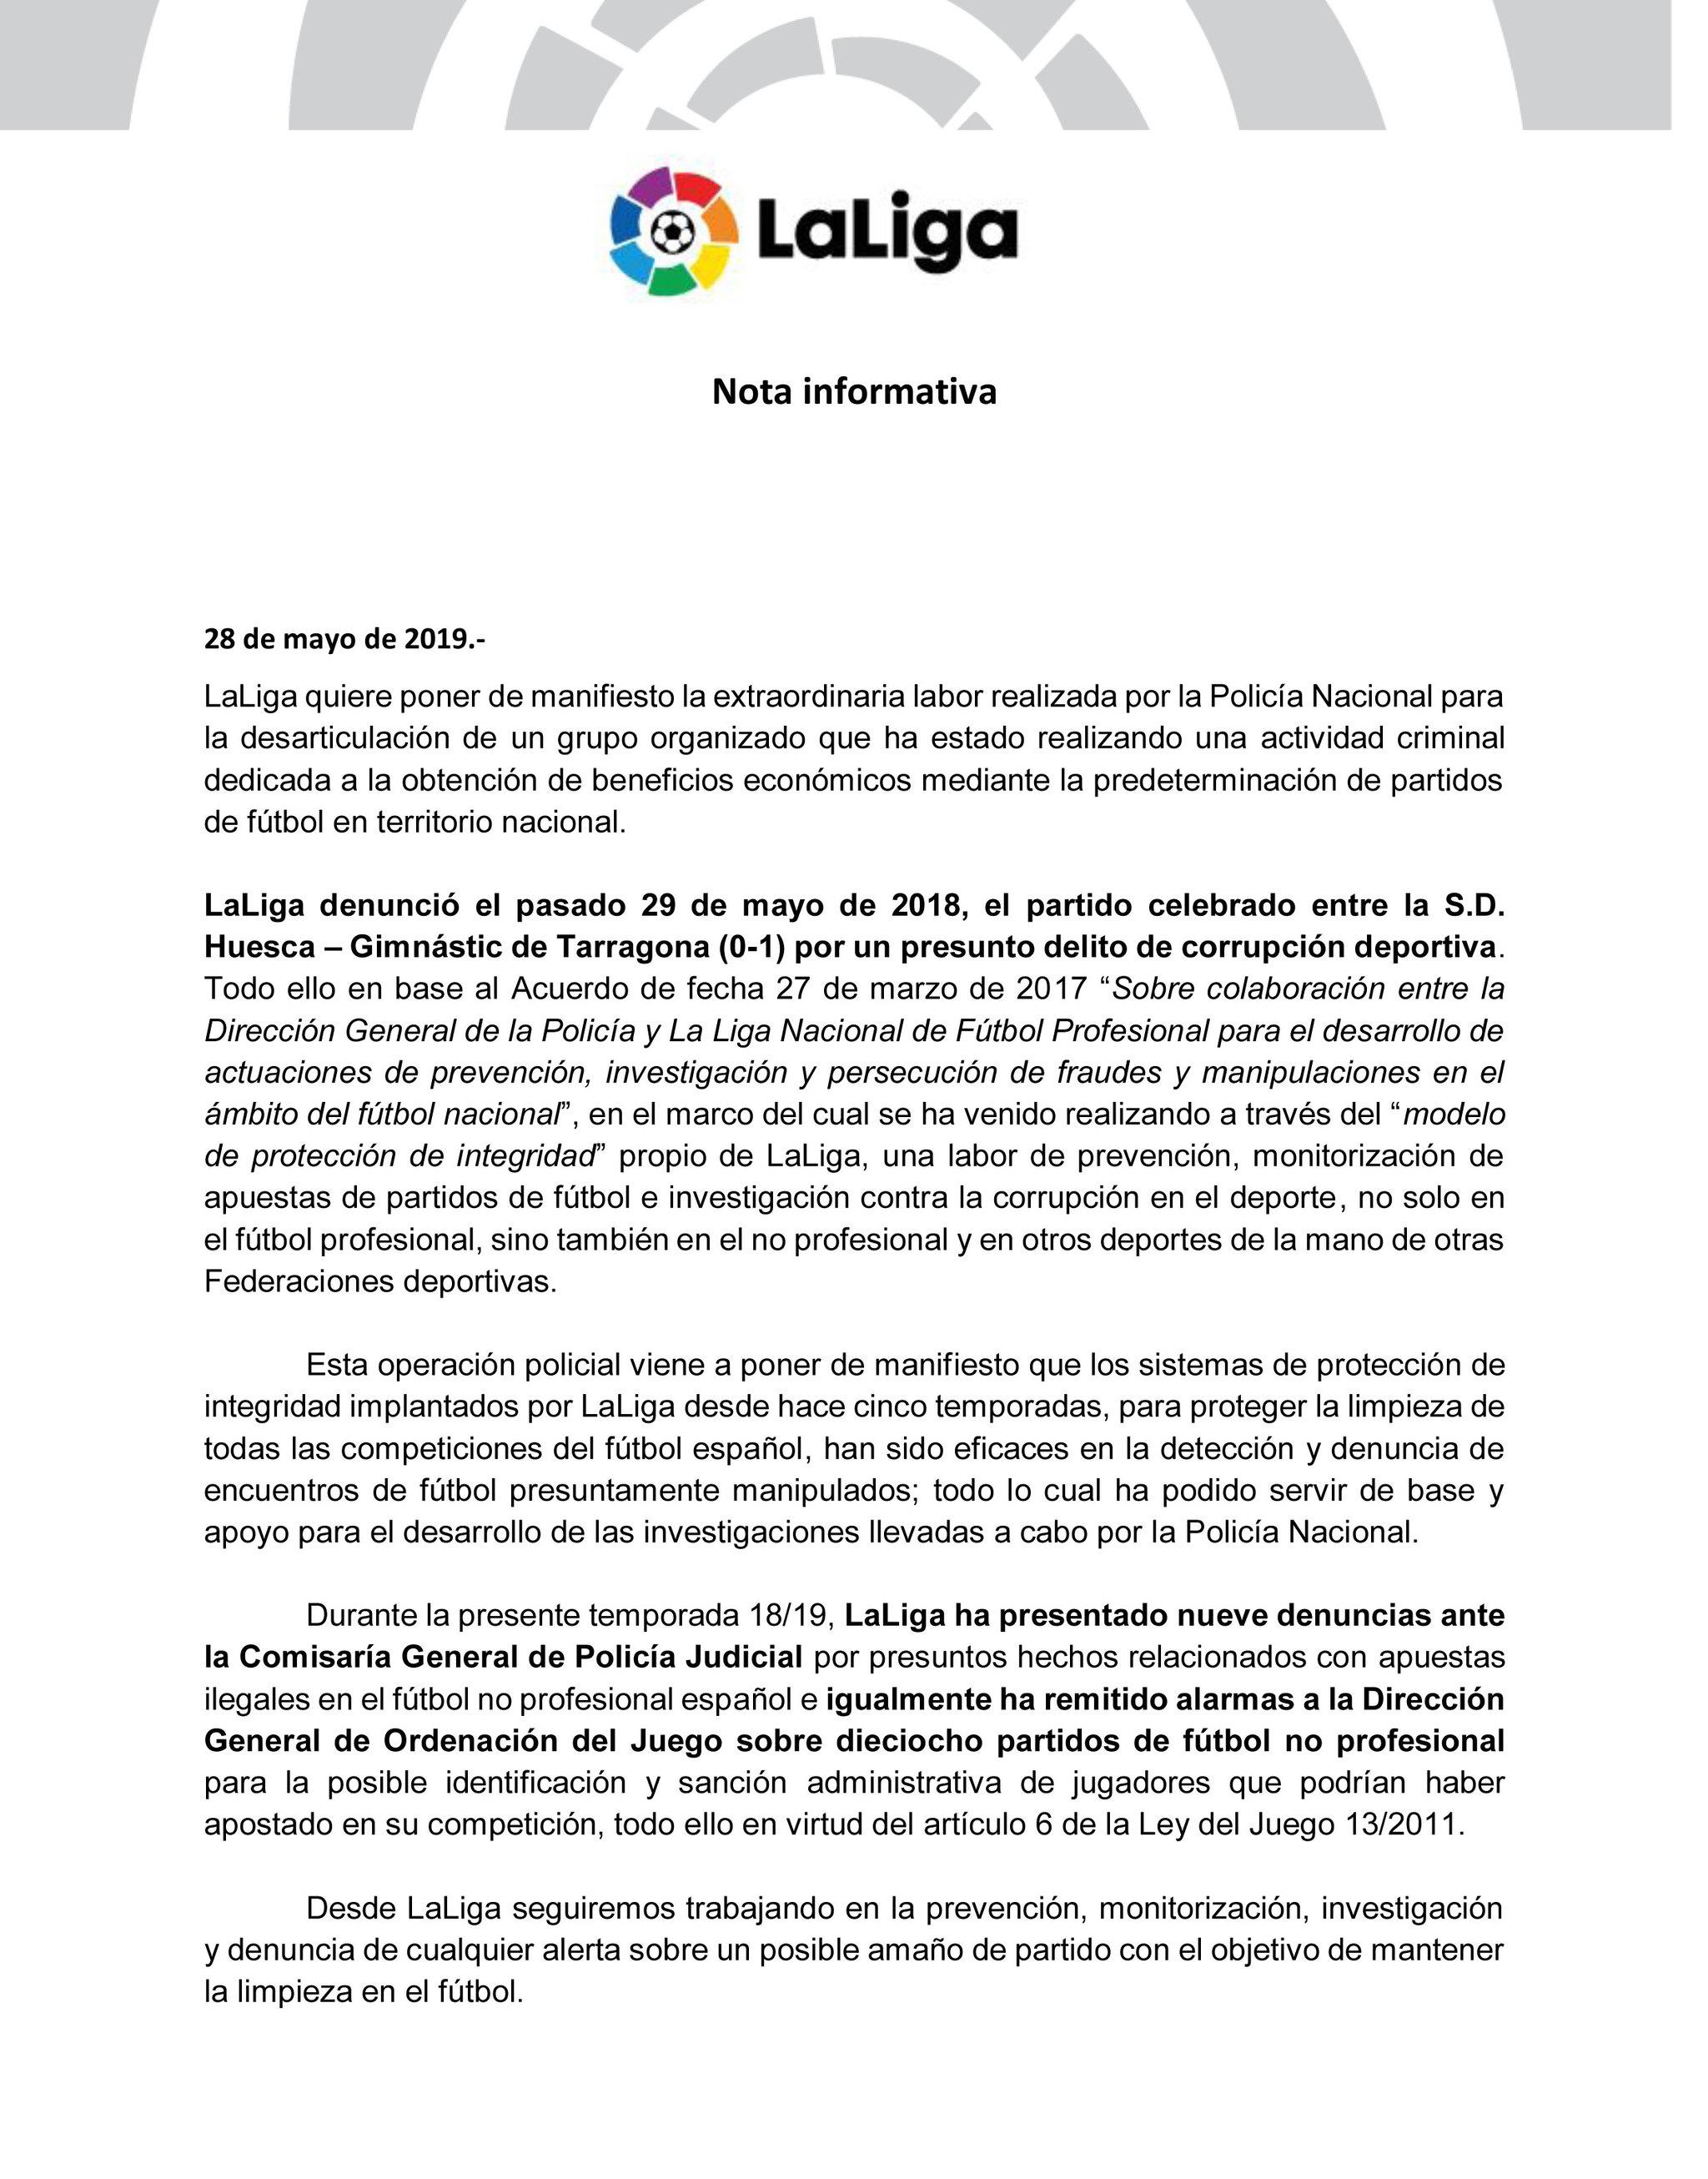 Amaño de partidos en la liga española. Detenidos varios futbolistas de primera, segunda y el presidente del Huesca  15590447749384